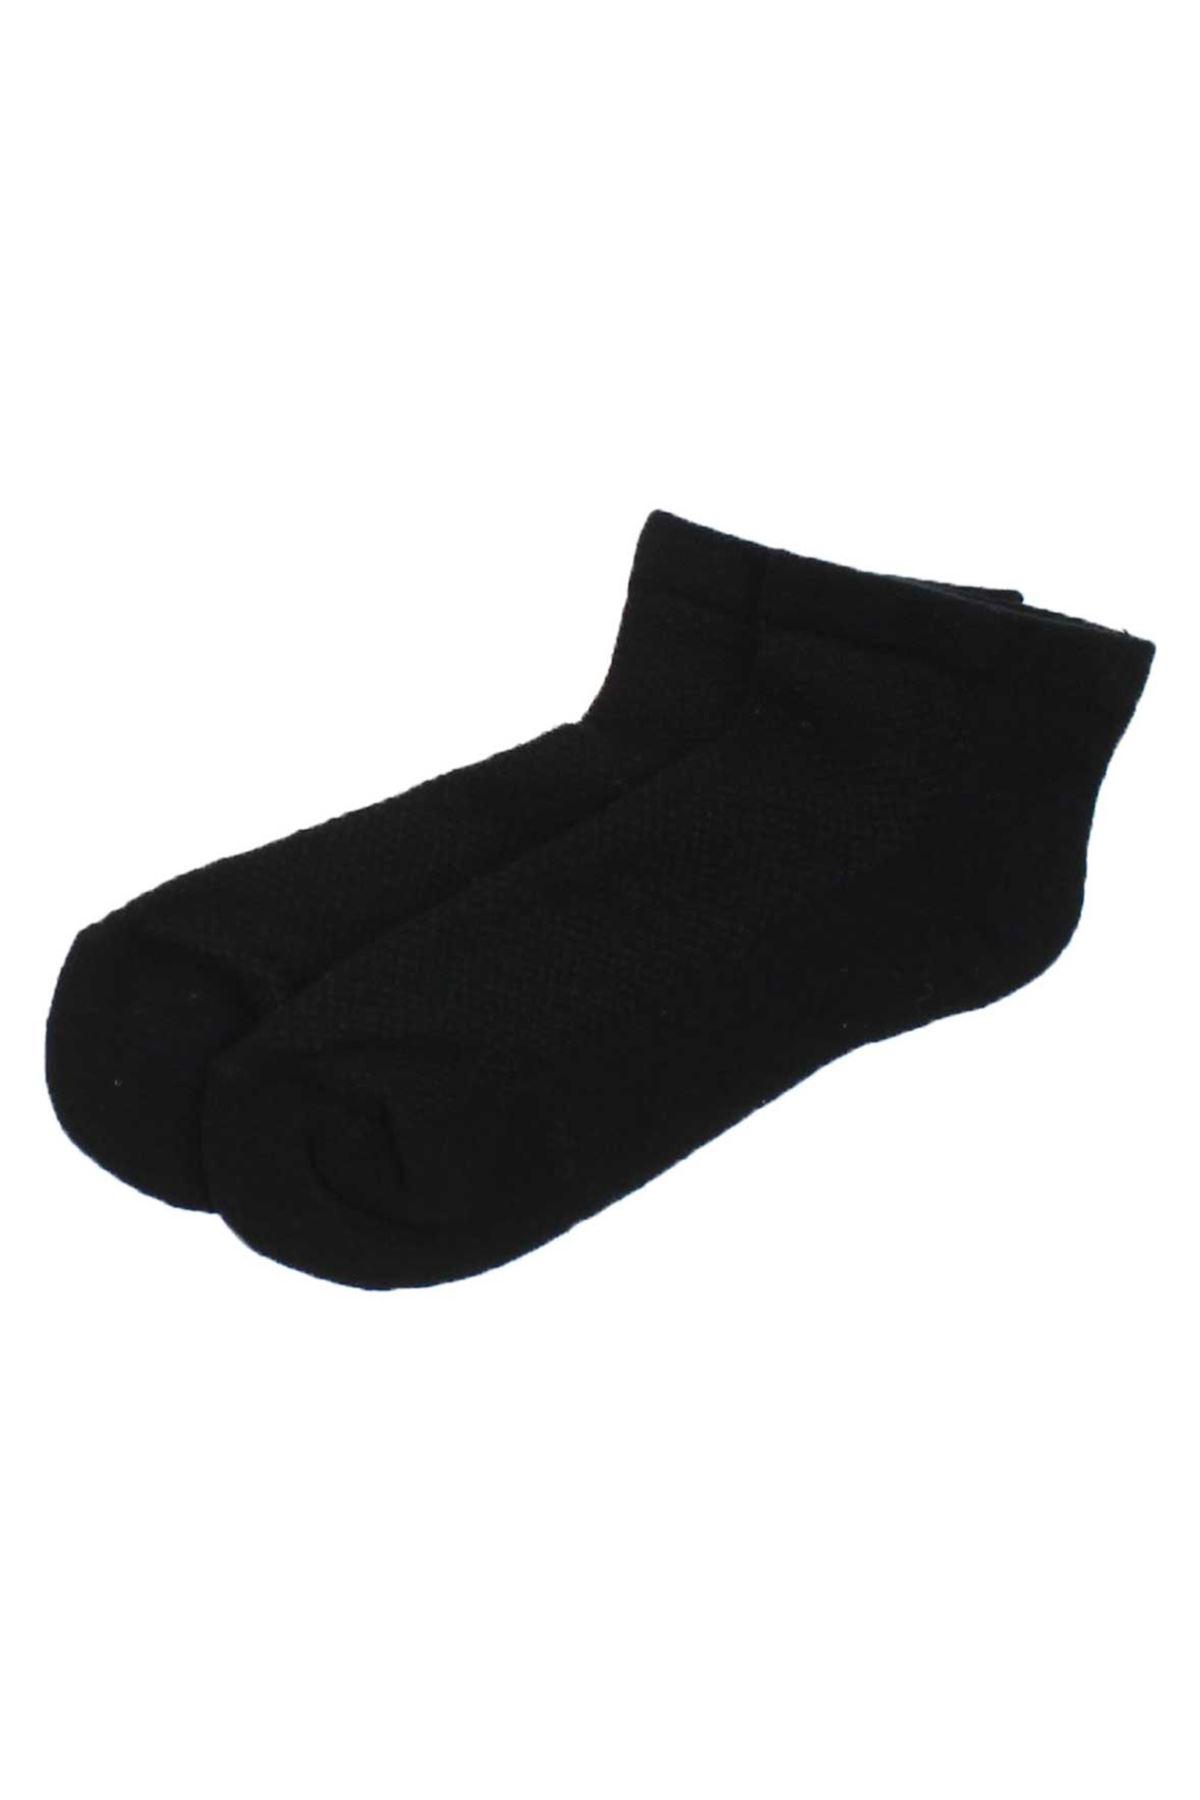 By Jawalli Kadın Havlu Patik Çorap